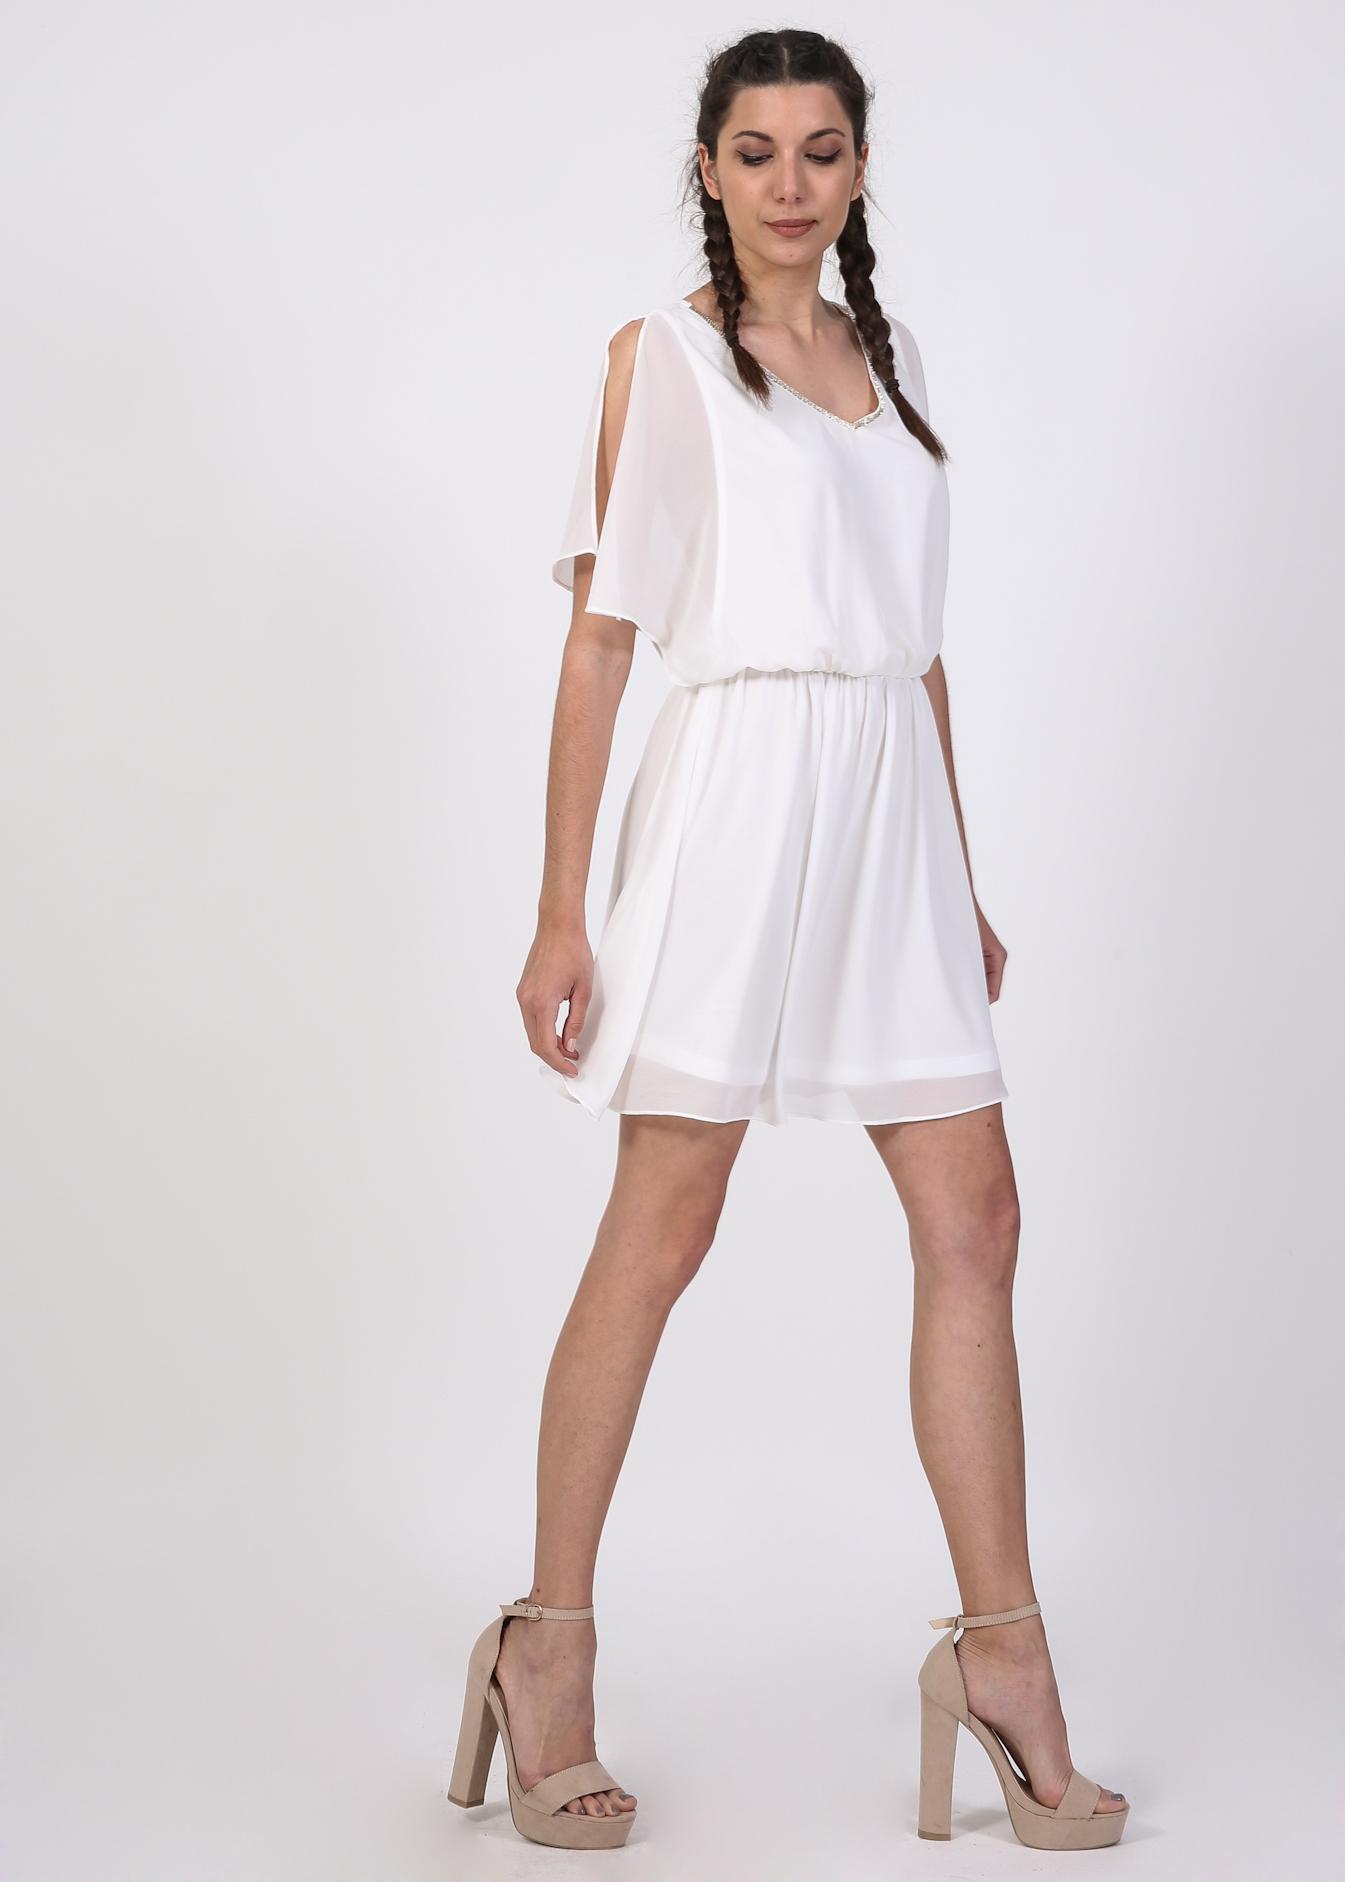 Inez v neck φόρεμα  λευκό